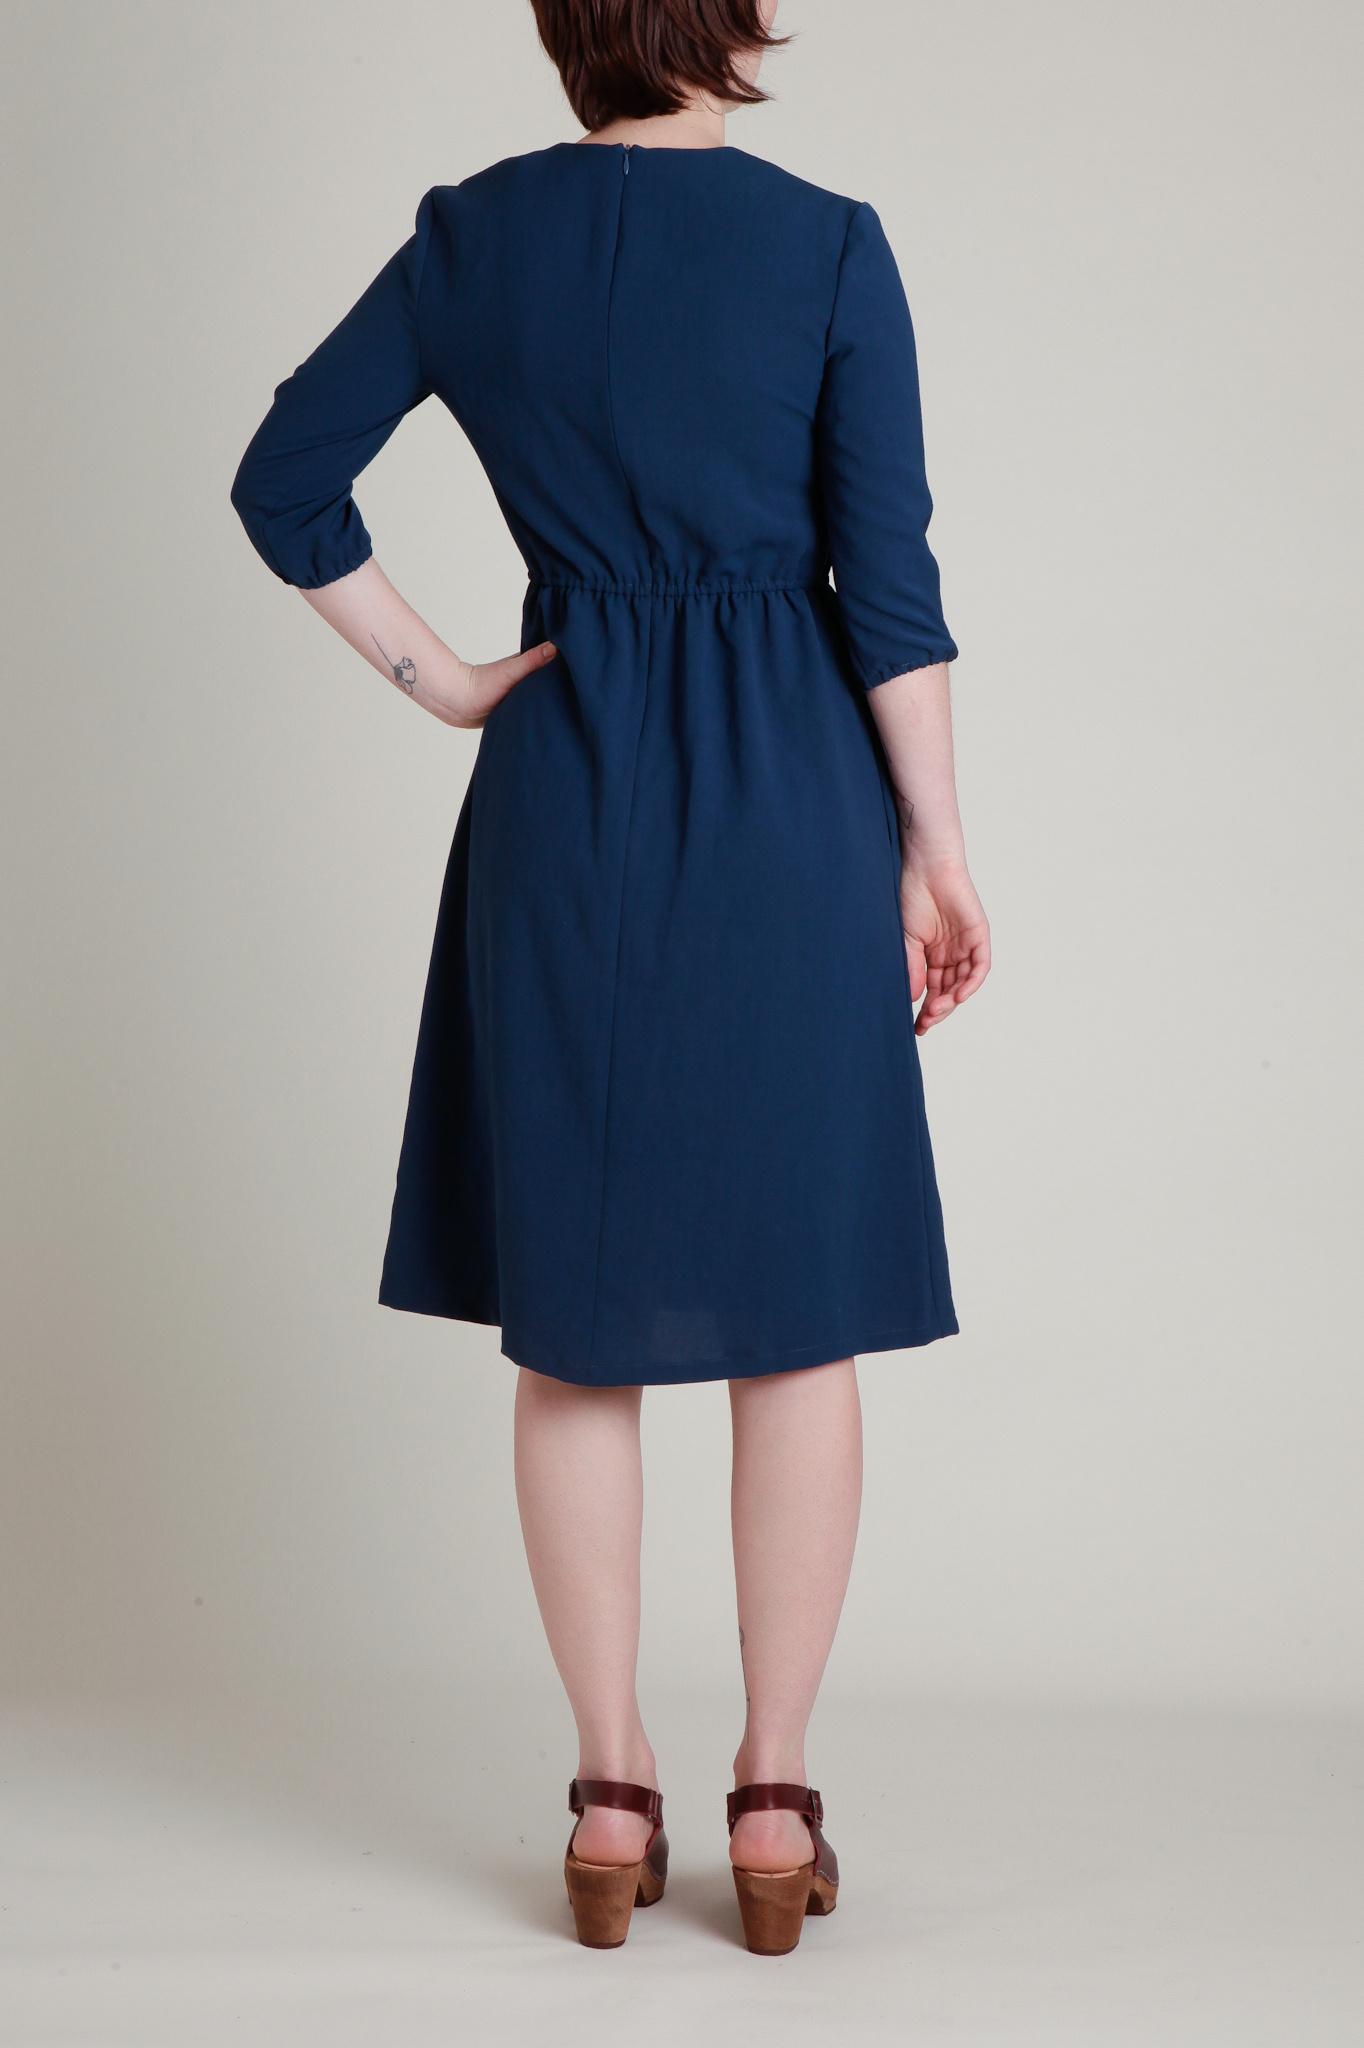 A. Cheng Split Neck Quarter Sleeve  Dress